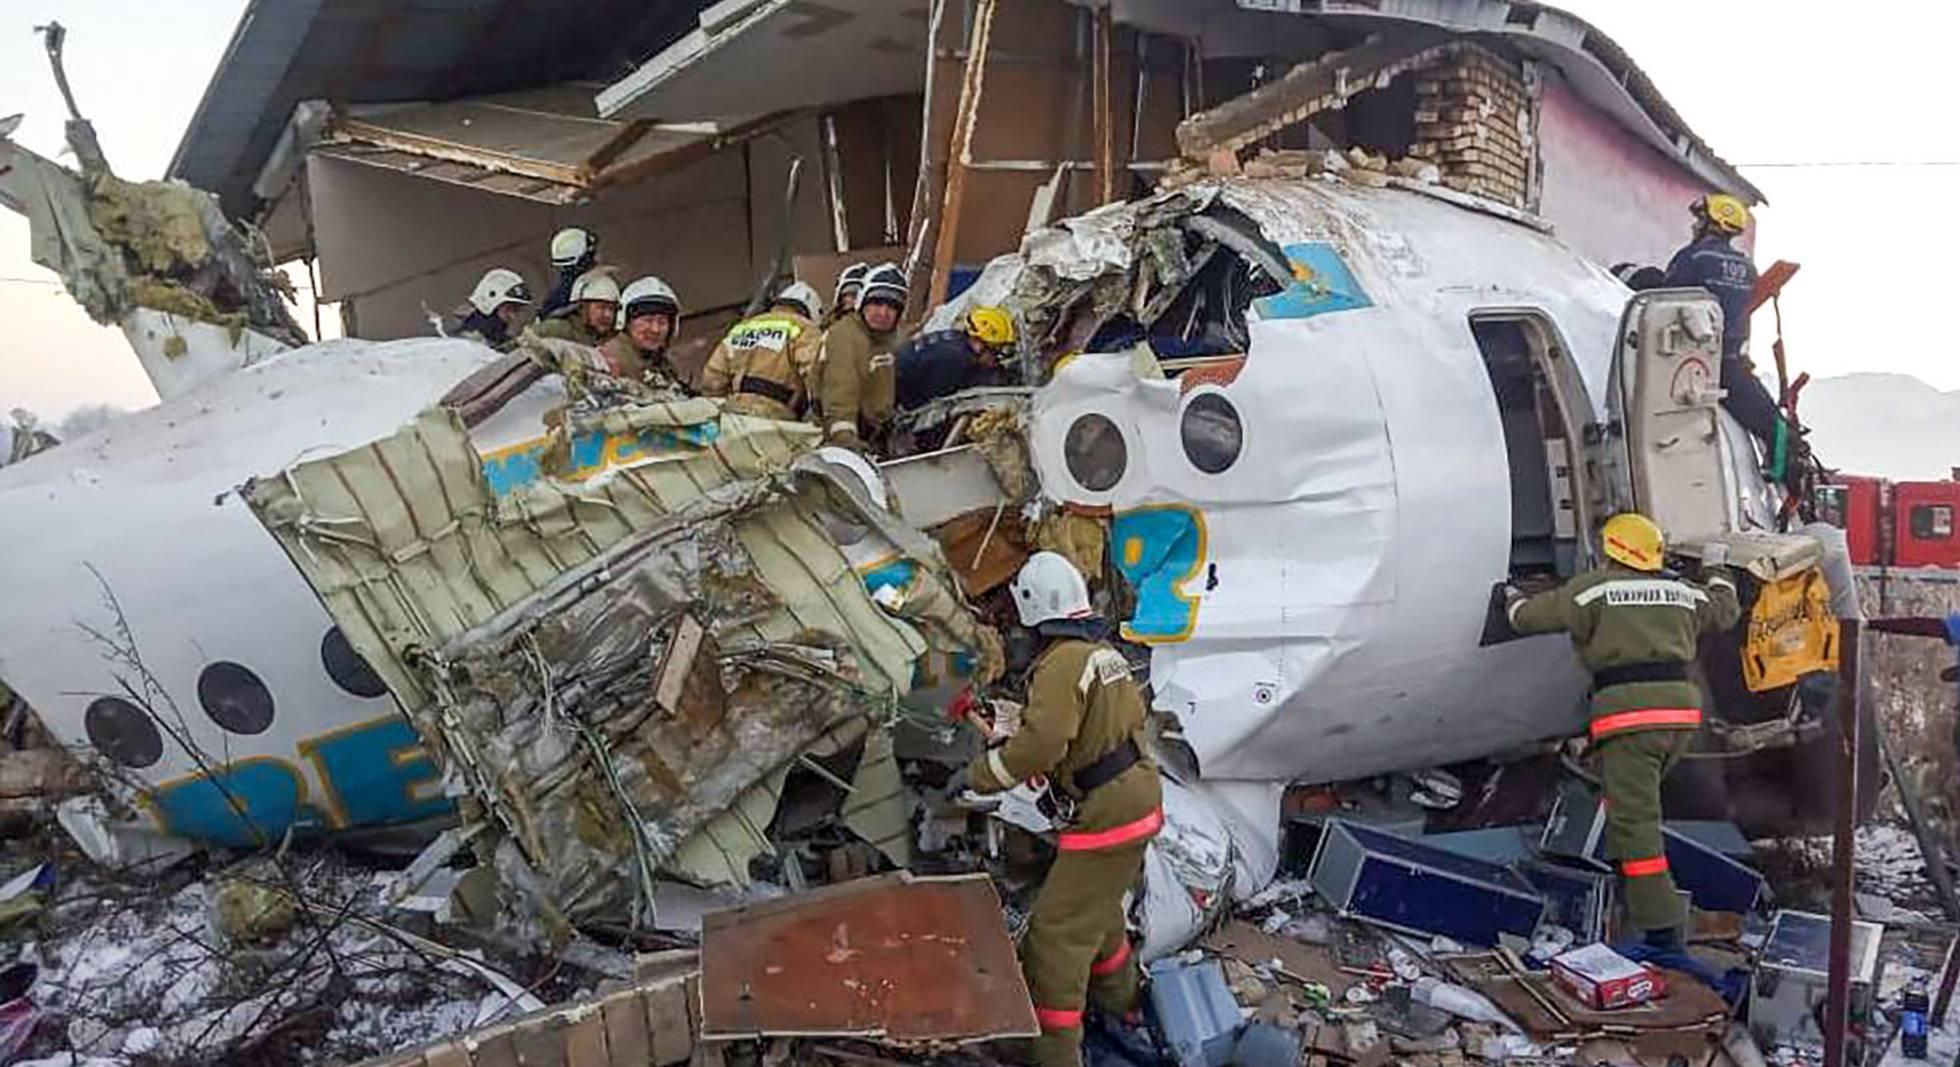 Sobreviviente de avión siniestrado en Kazajistán afirma que presentía el accidente